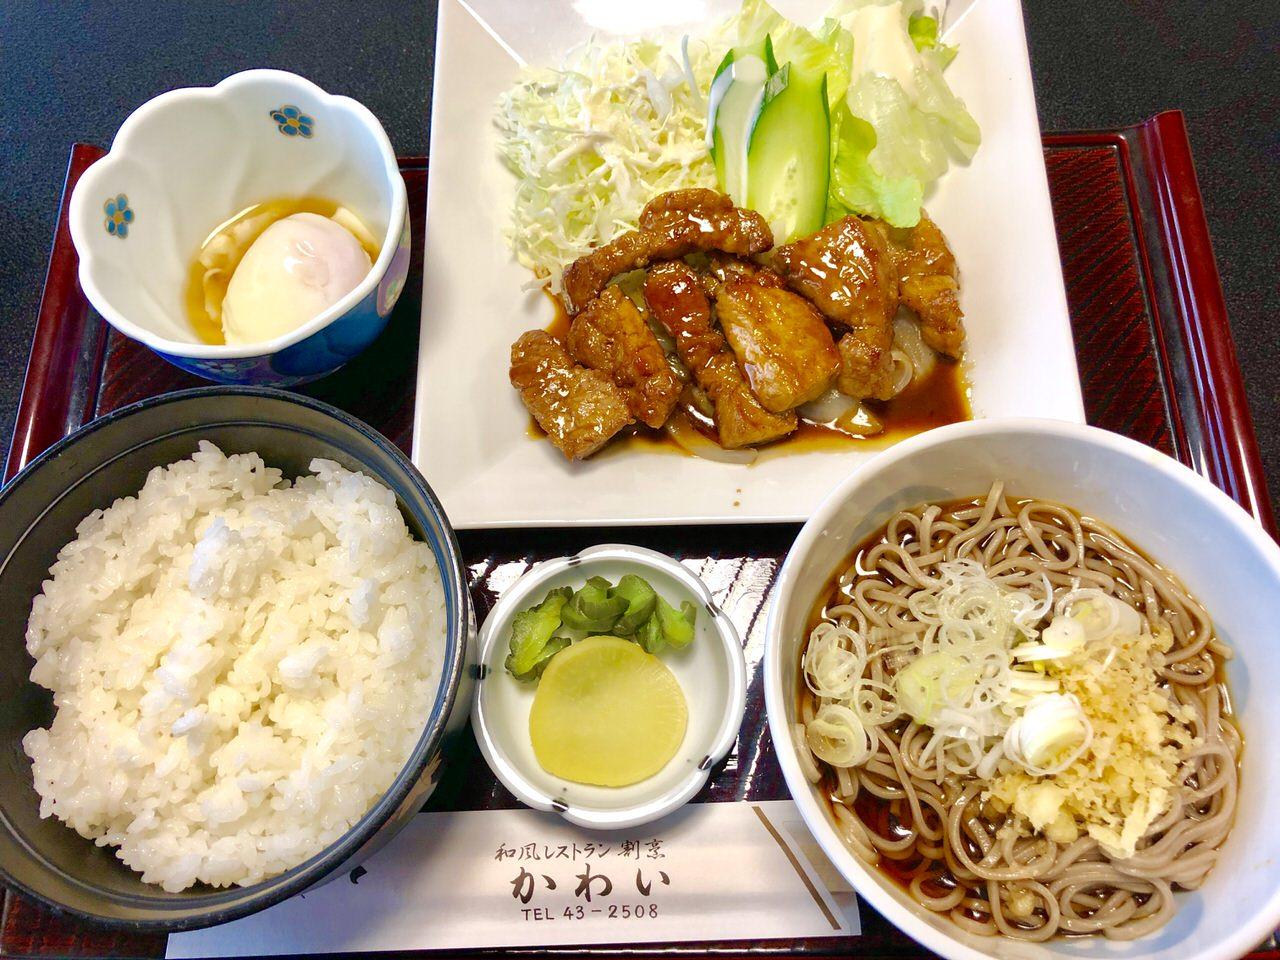 恵那市岩村のランチの食事処、和風レストランかわいの日替わりランチ